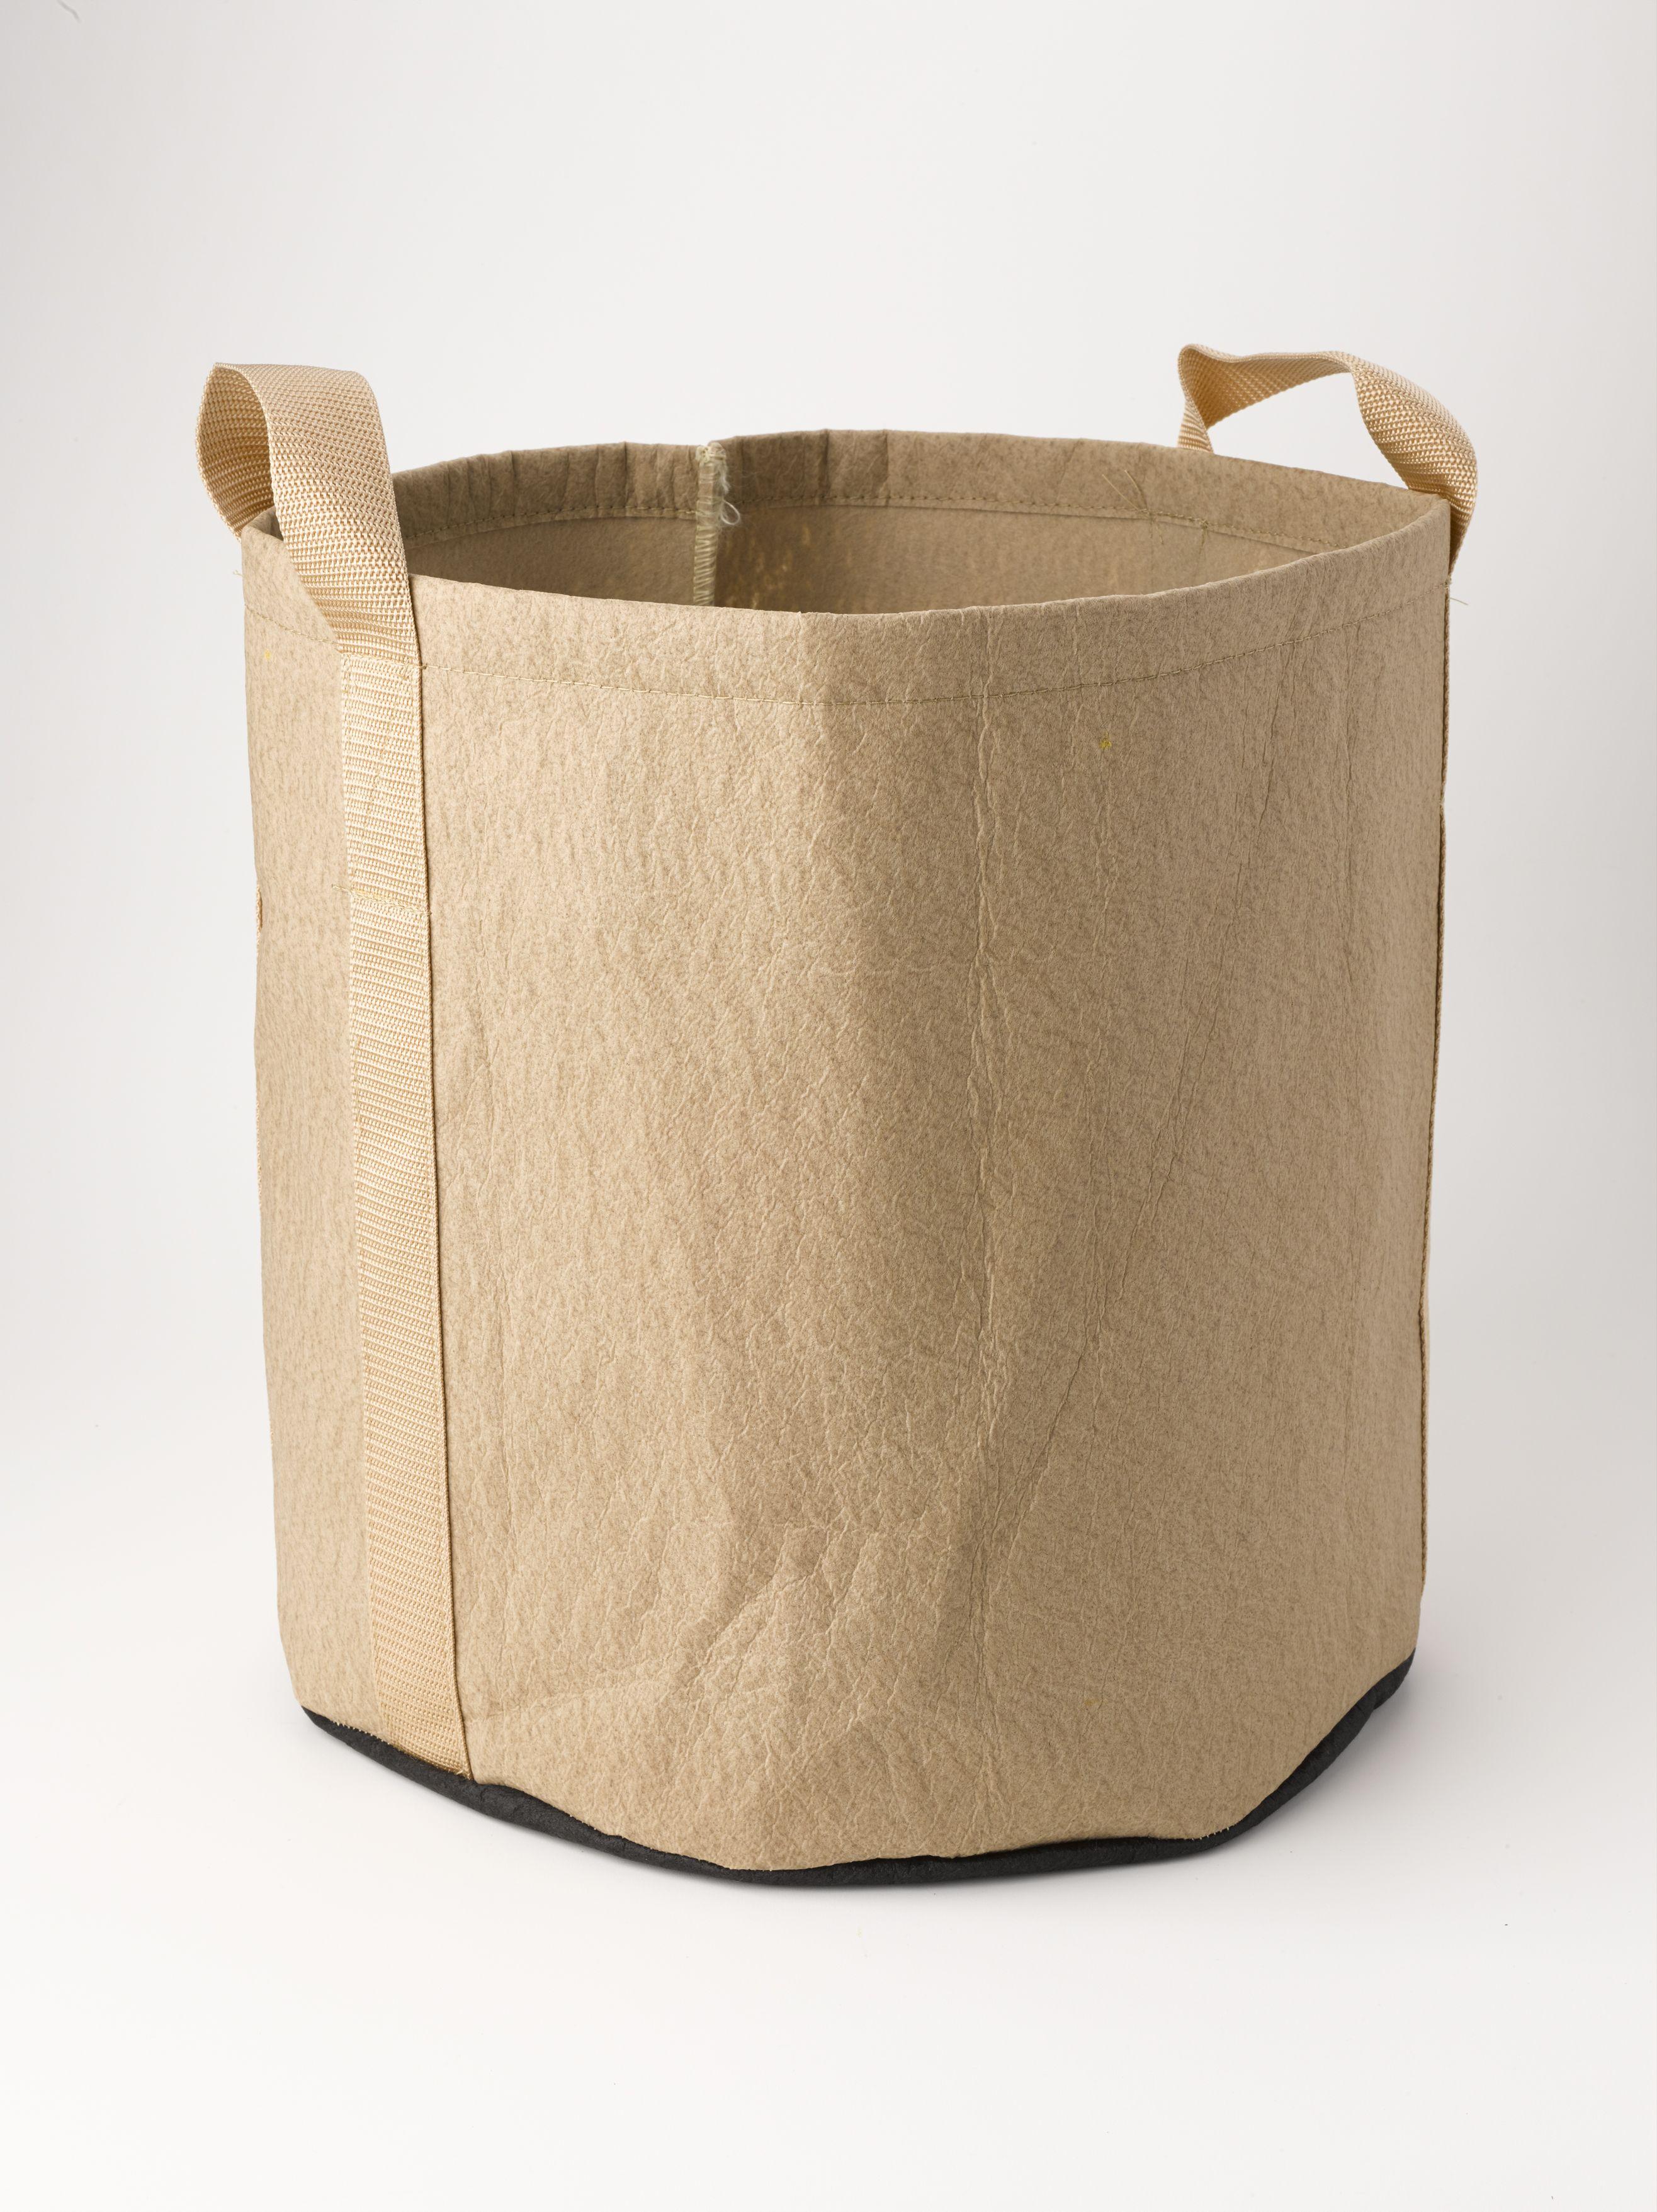 Gardener\'s Best Potato Grow Bag - Holds 50 Quarts of Soil - for ...